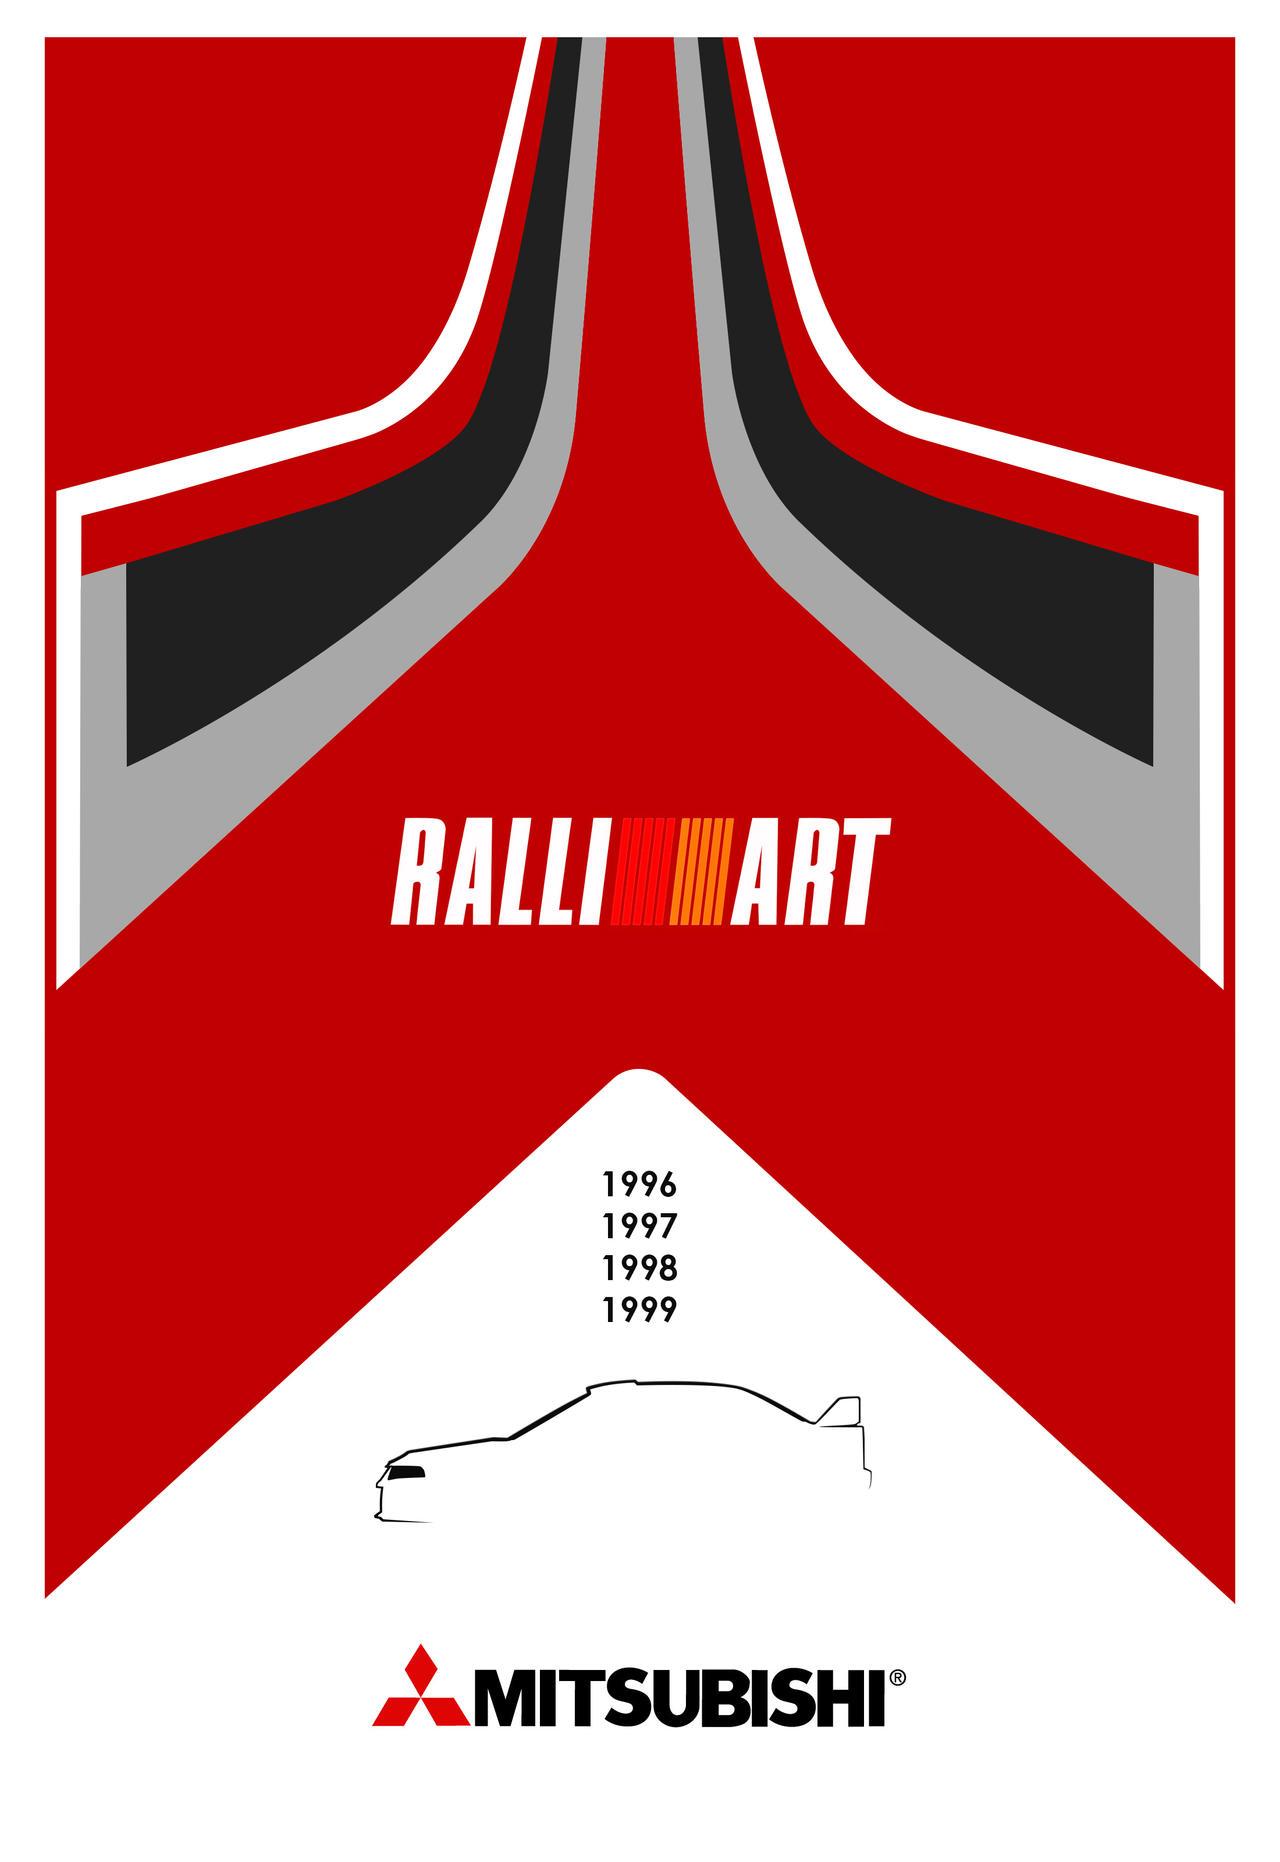 Mitsubishi Ralliart tribute